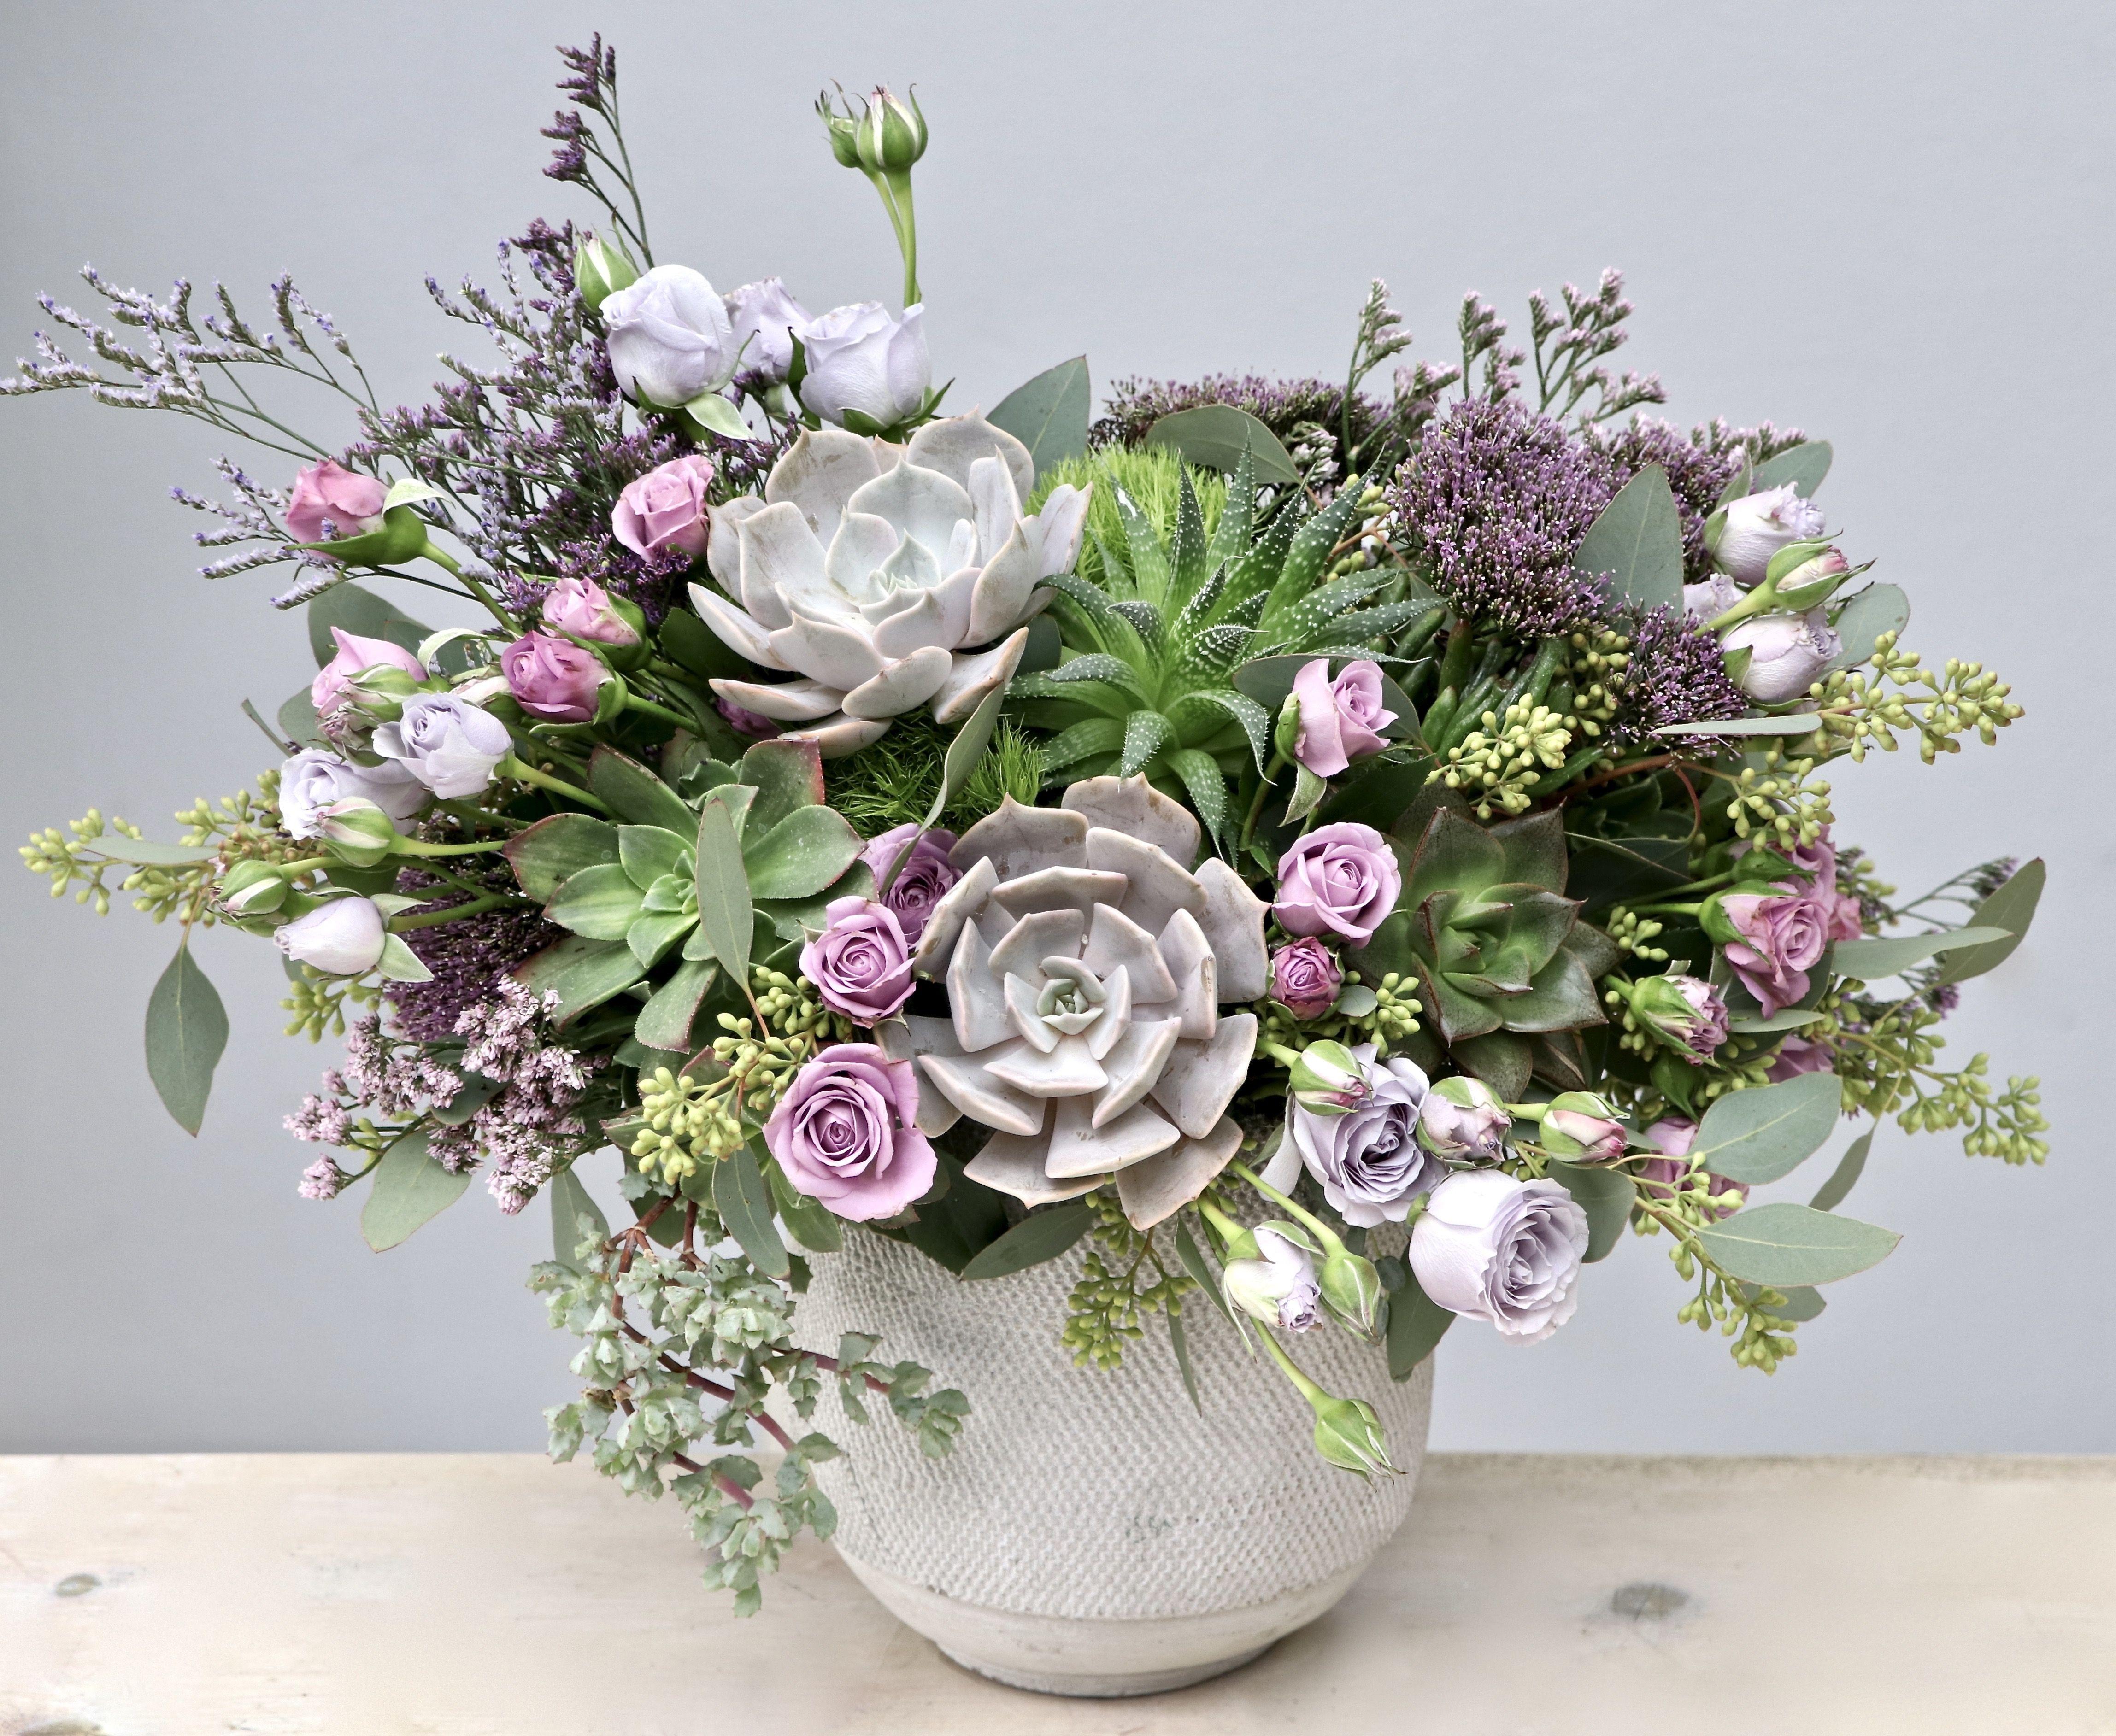 Floral Arrangement Myglendaleflorist In 2020 Flower Delivery Fresh Flower Delivery Flower Arrangements